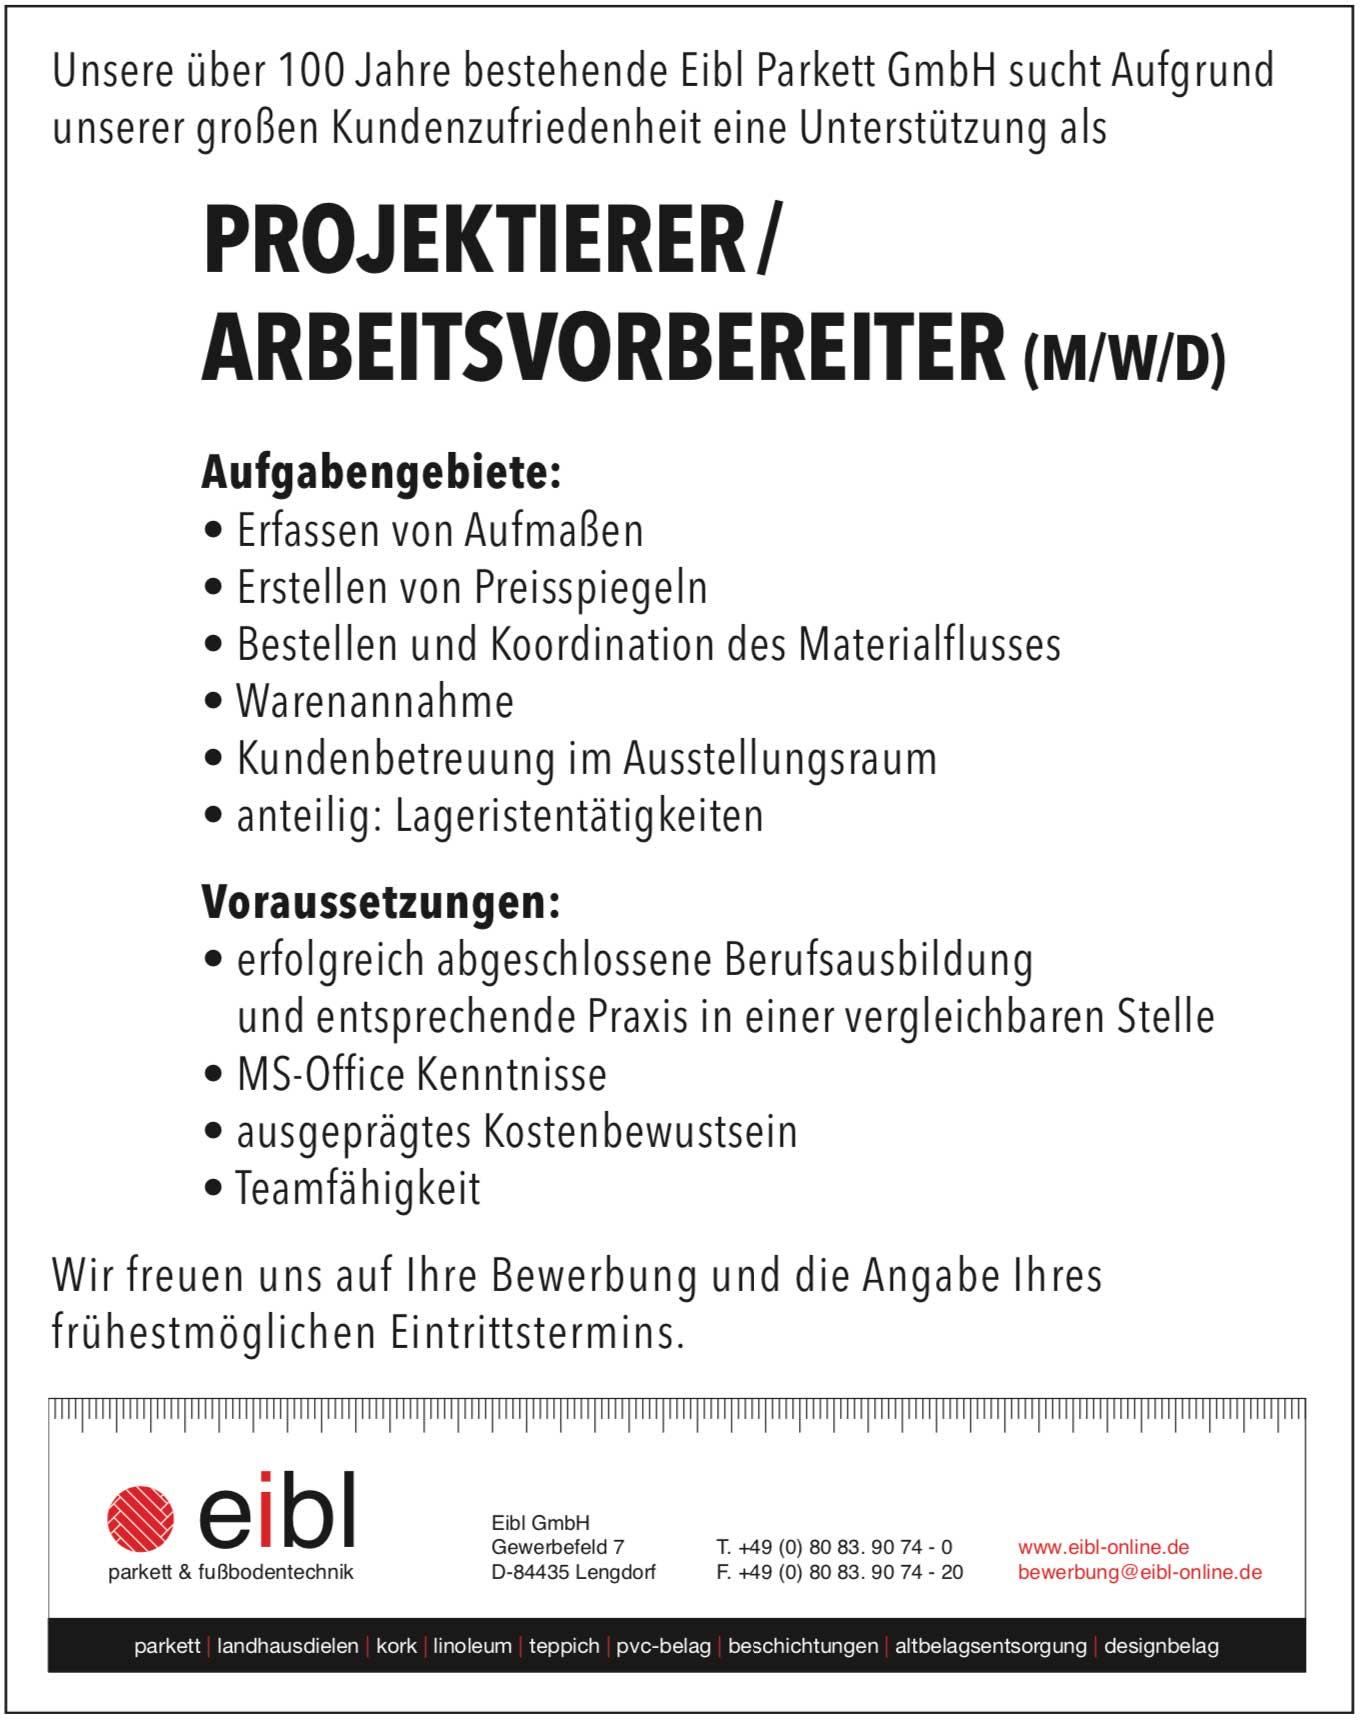 Projektierer/Arbeitsvorbereiter (m/w/d)